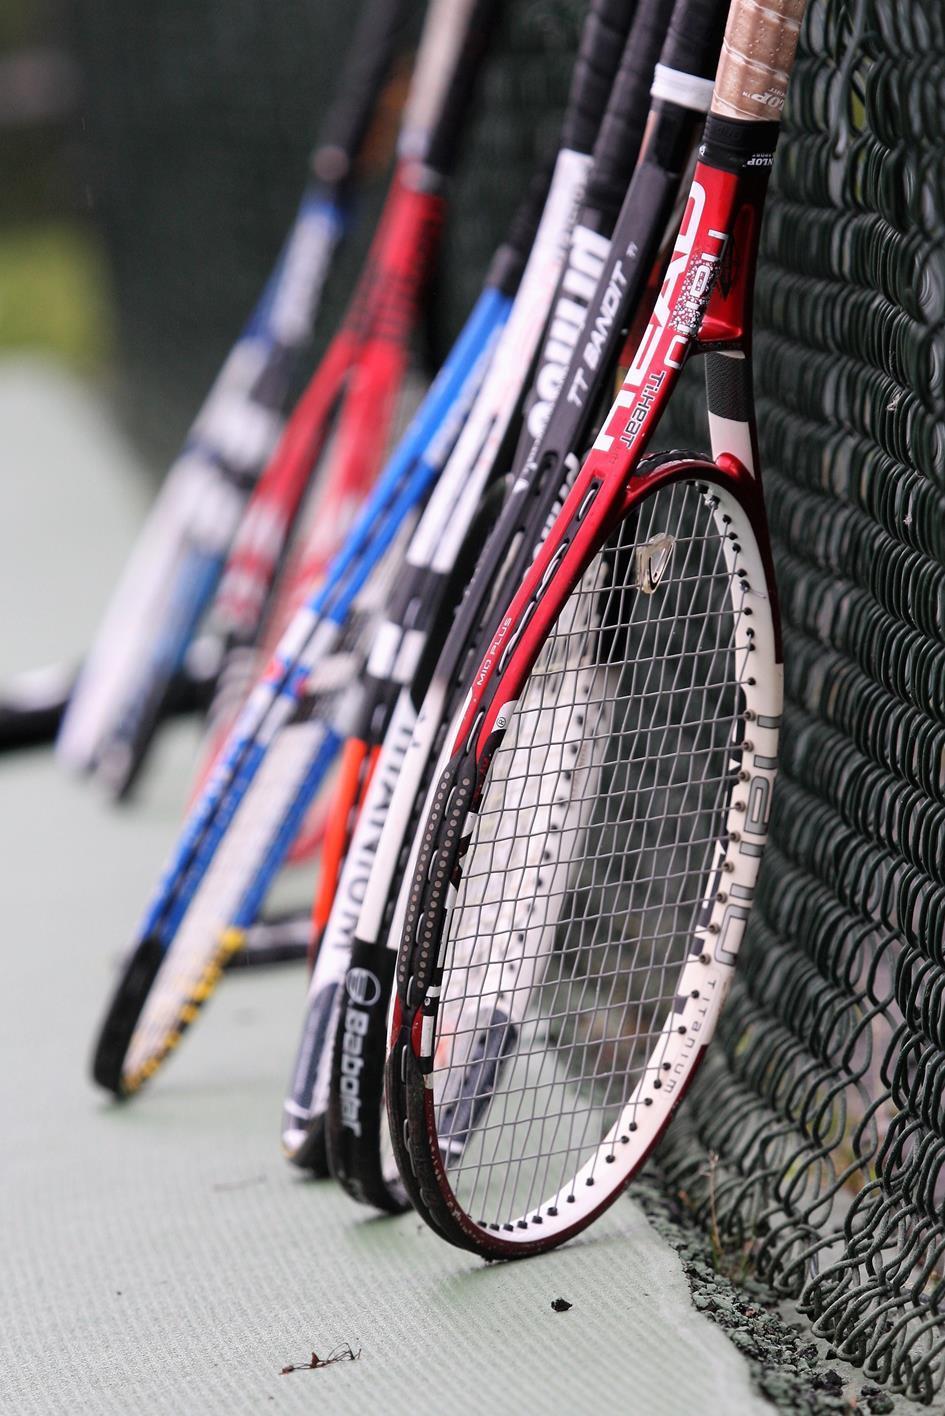 rackets op de baan